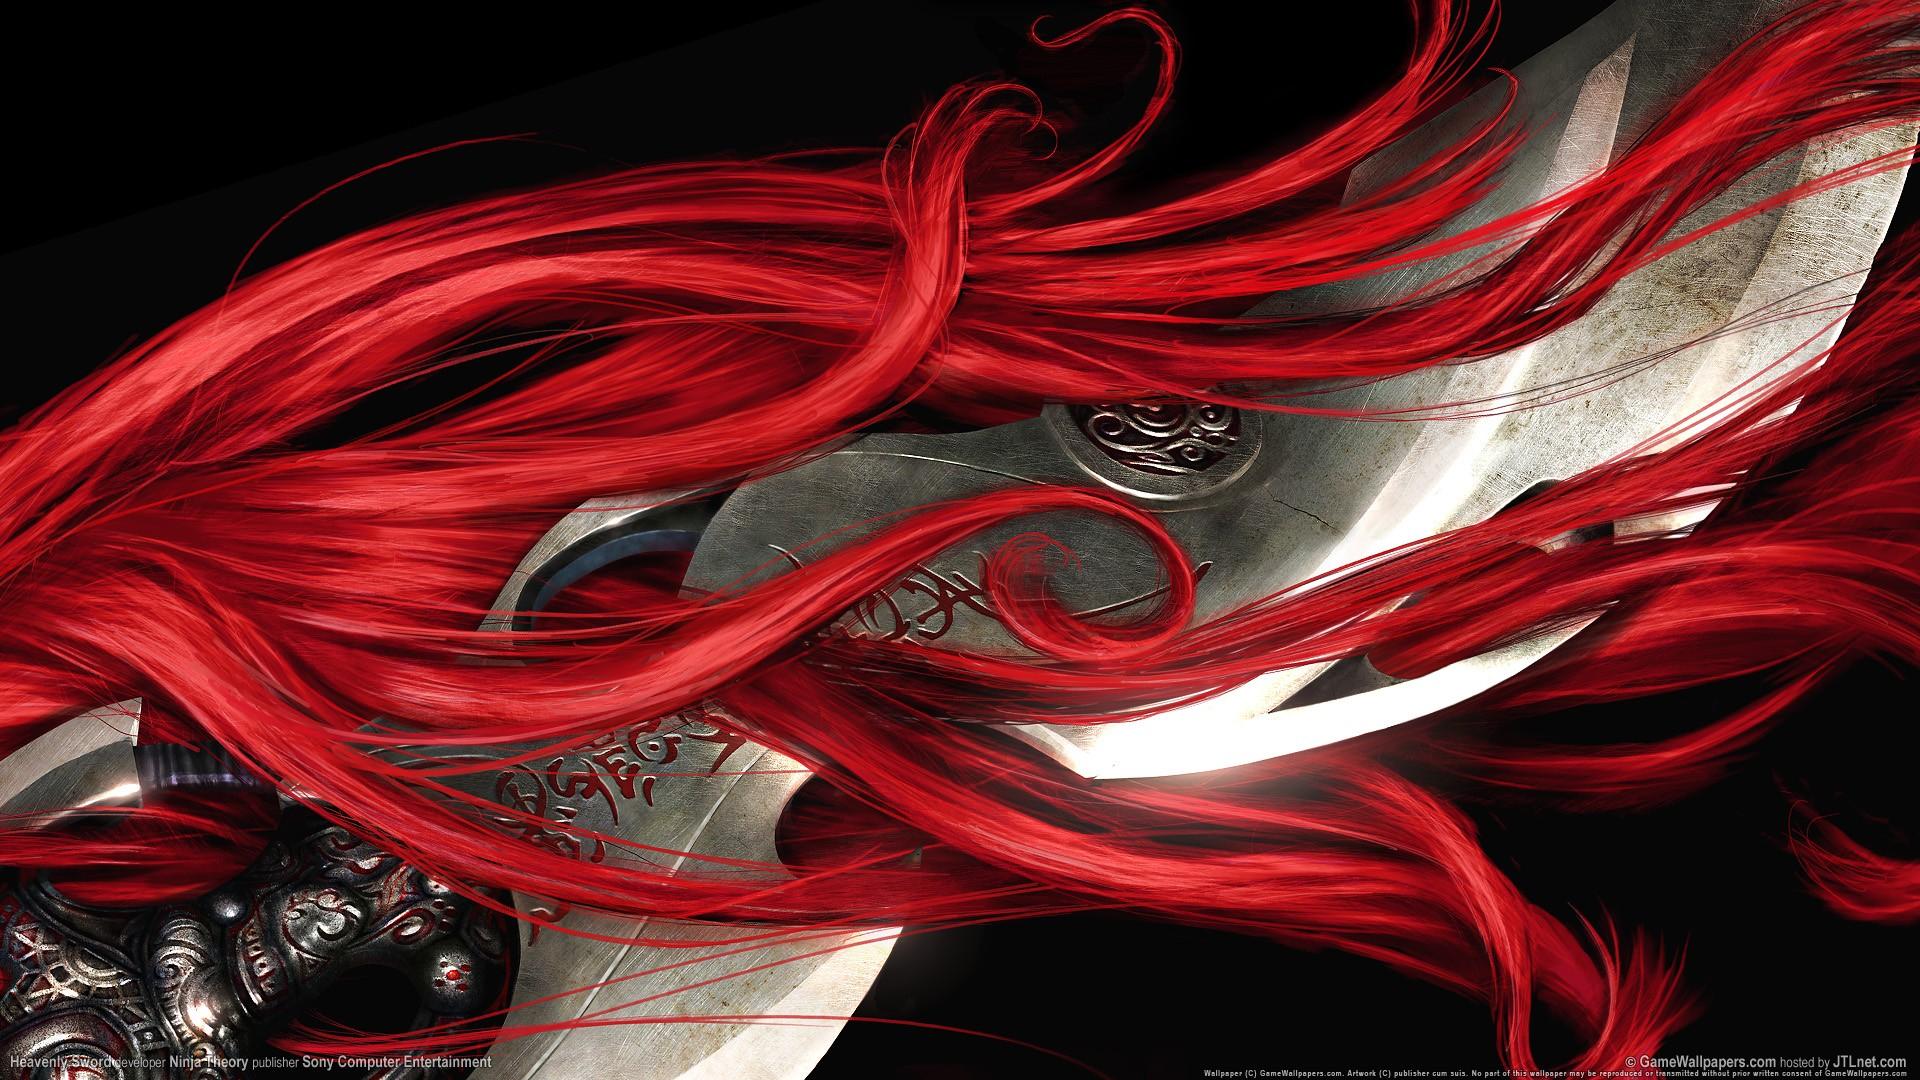 Anime Devil Wallpaper Heavenly Sword Hd Wallpapers Hd Wallpapers Id 1627